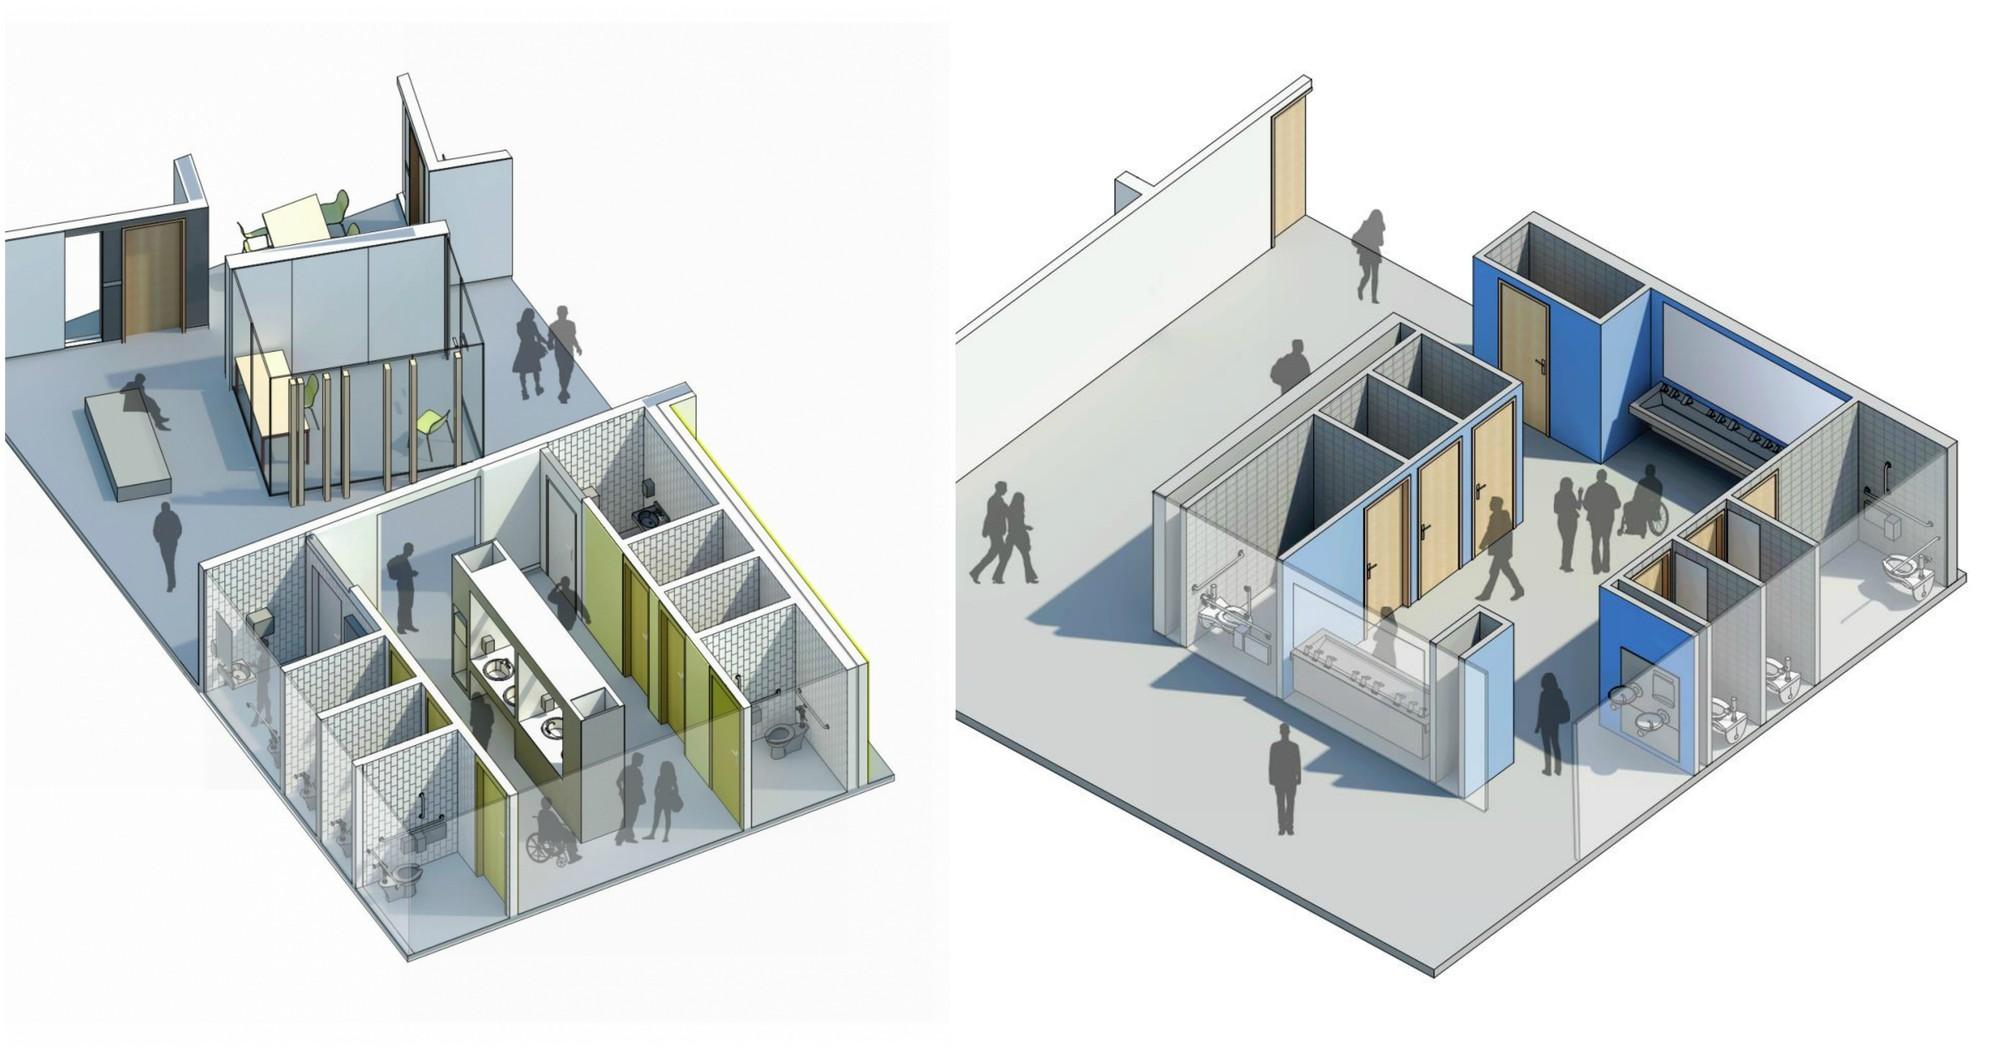 Como projetar banheiros escolares mais seguros for Bathroom design courses